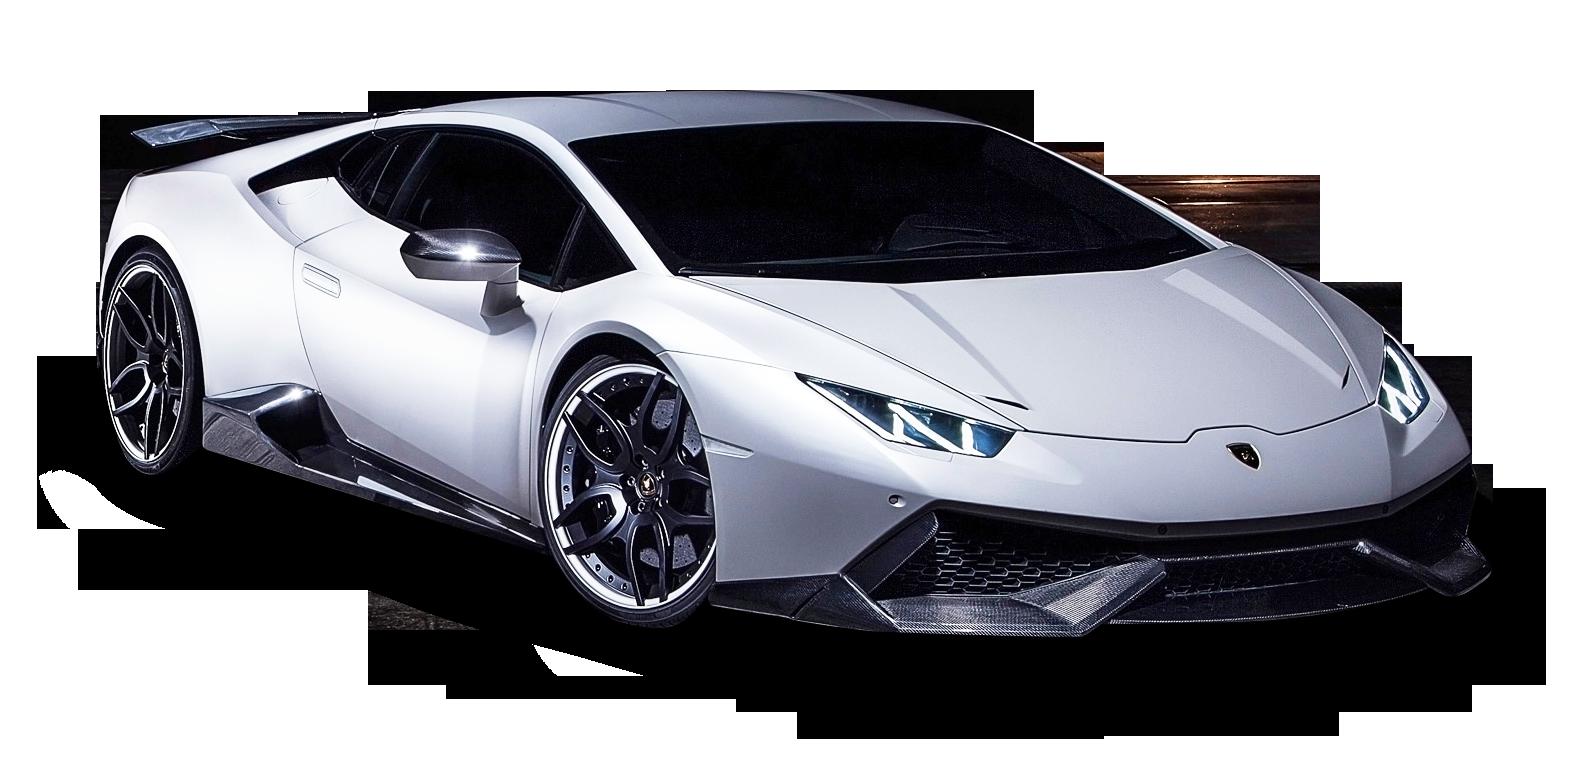 White Lamborghini Huracan Car Png Image White Lamborghini Lamborghini Car